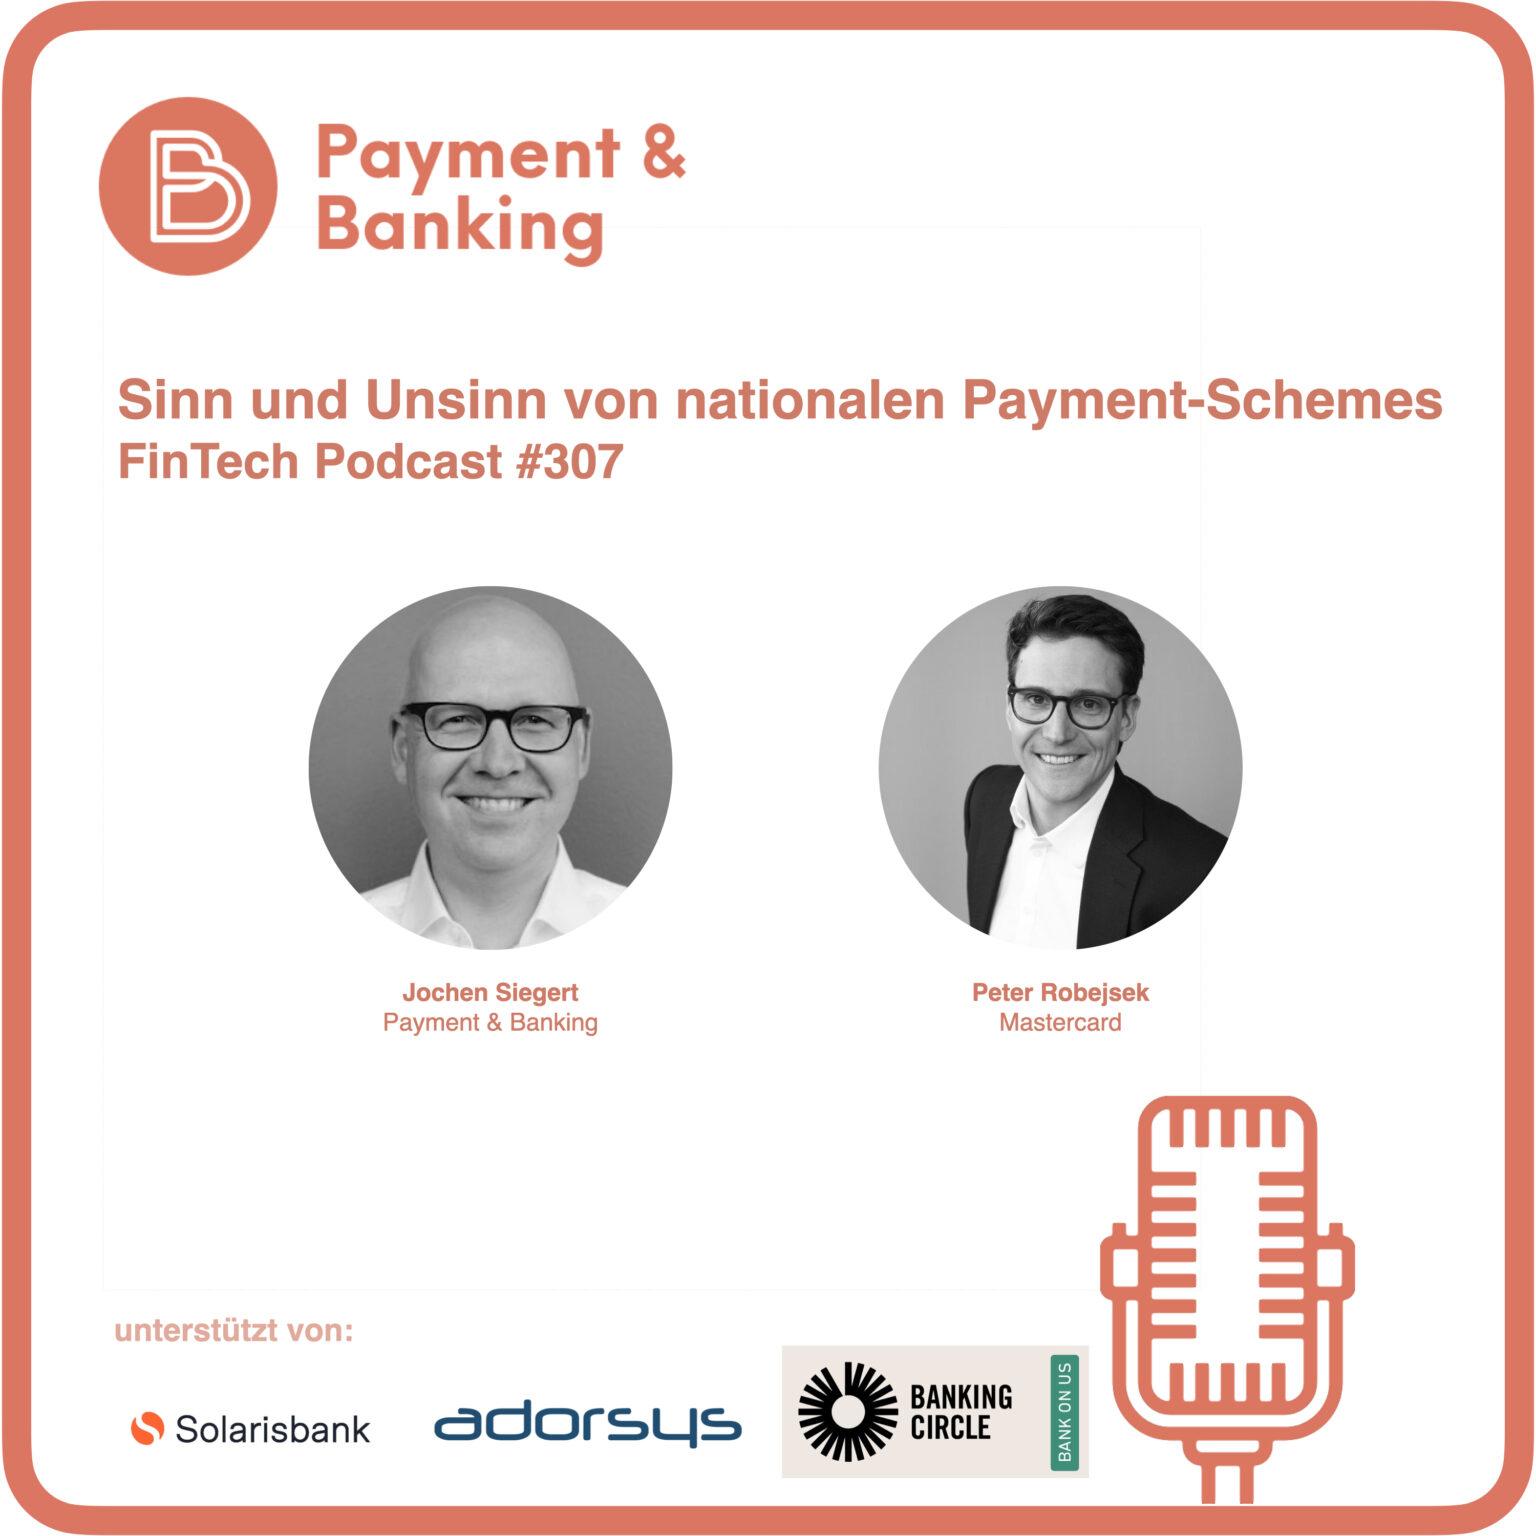 Sinn und Unsinn von nationalen Payment-Schemes